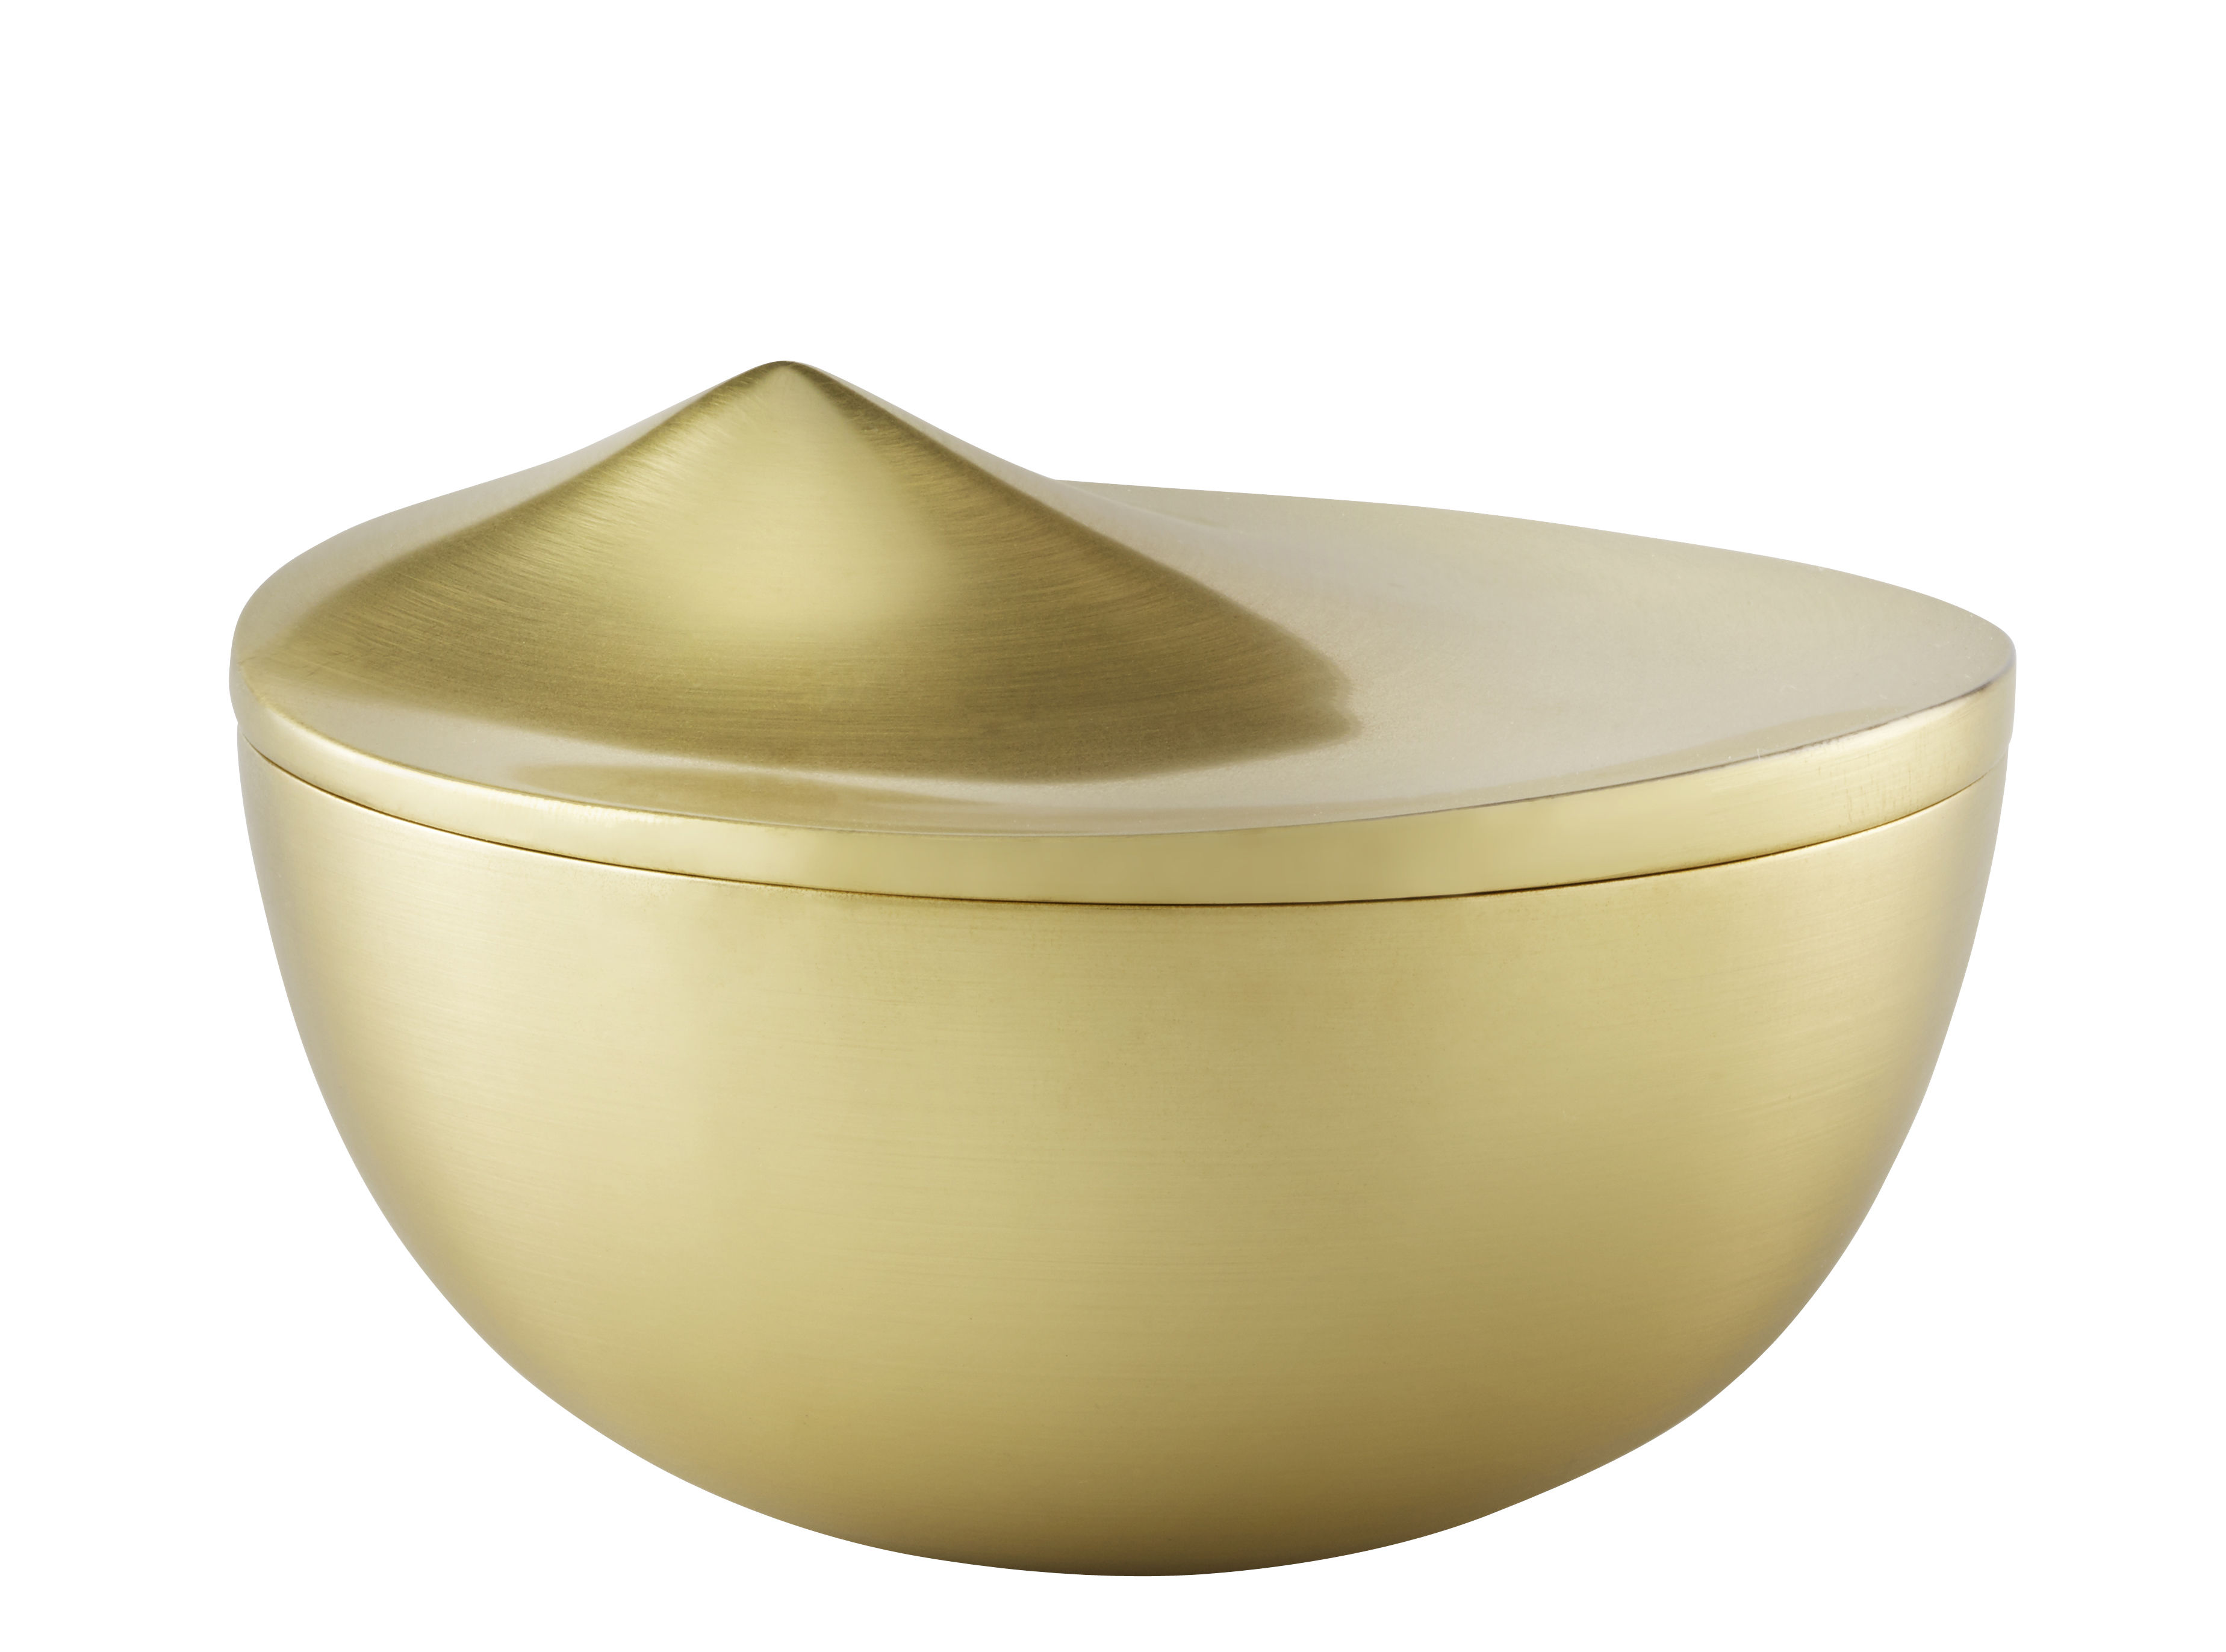 Cuisine - Boîtes, pots et bocaux - Boîte Peak Small / Ø 12 cm - Métal - Stelton - Laiton brossé - Aluminium plaqué laiton brossé